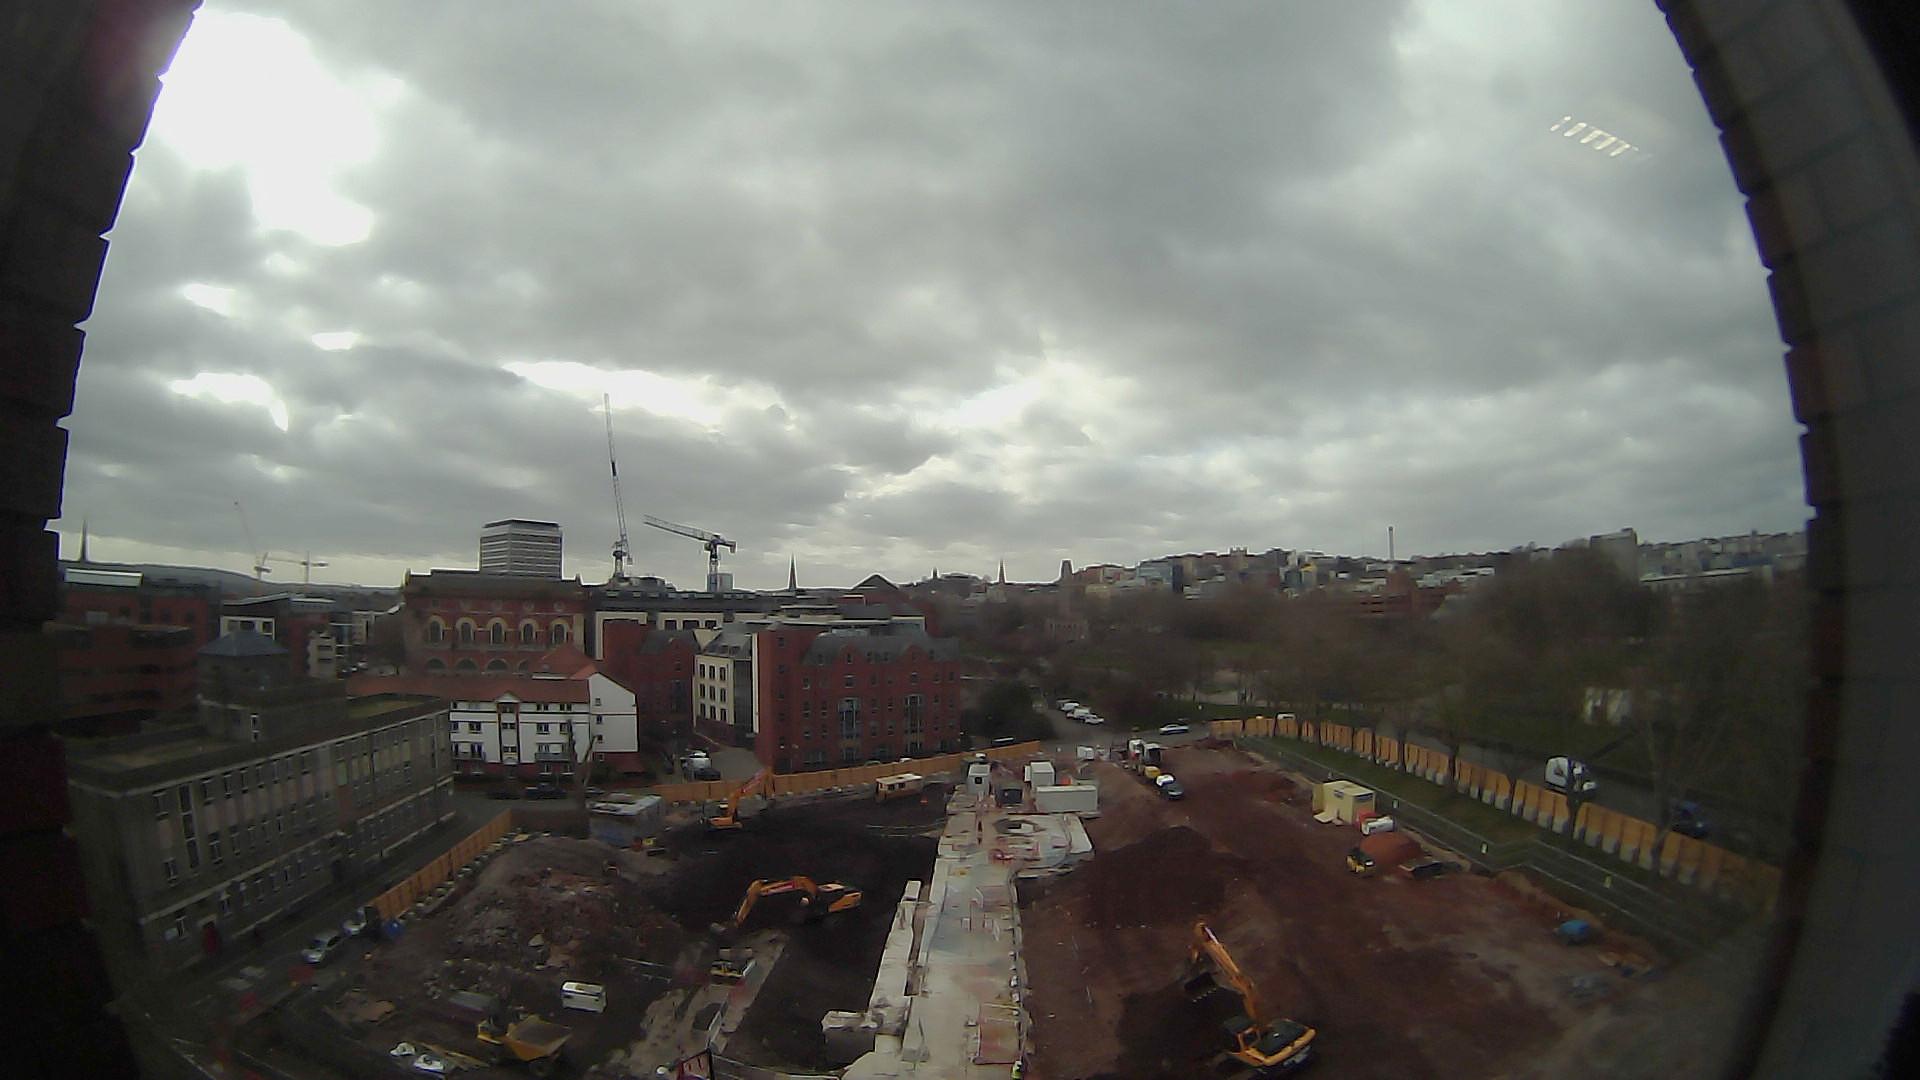 Castle Park View construction site - fisheye view